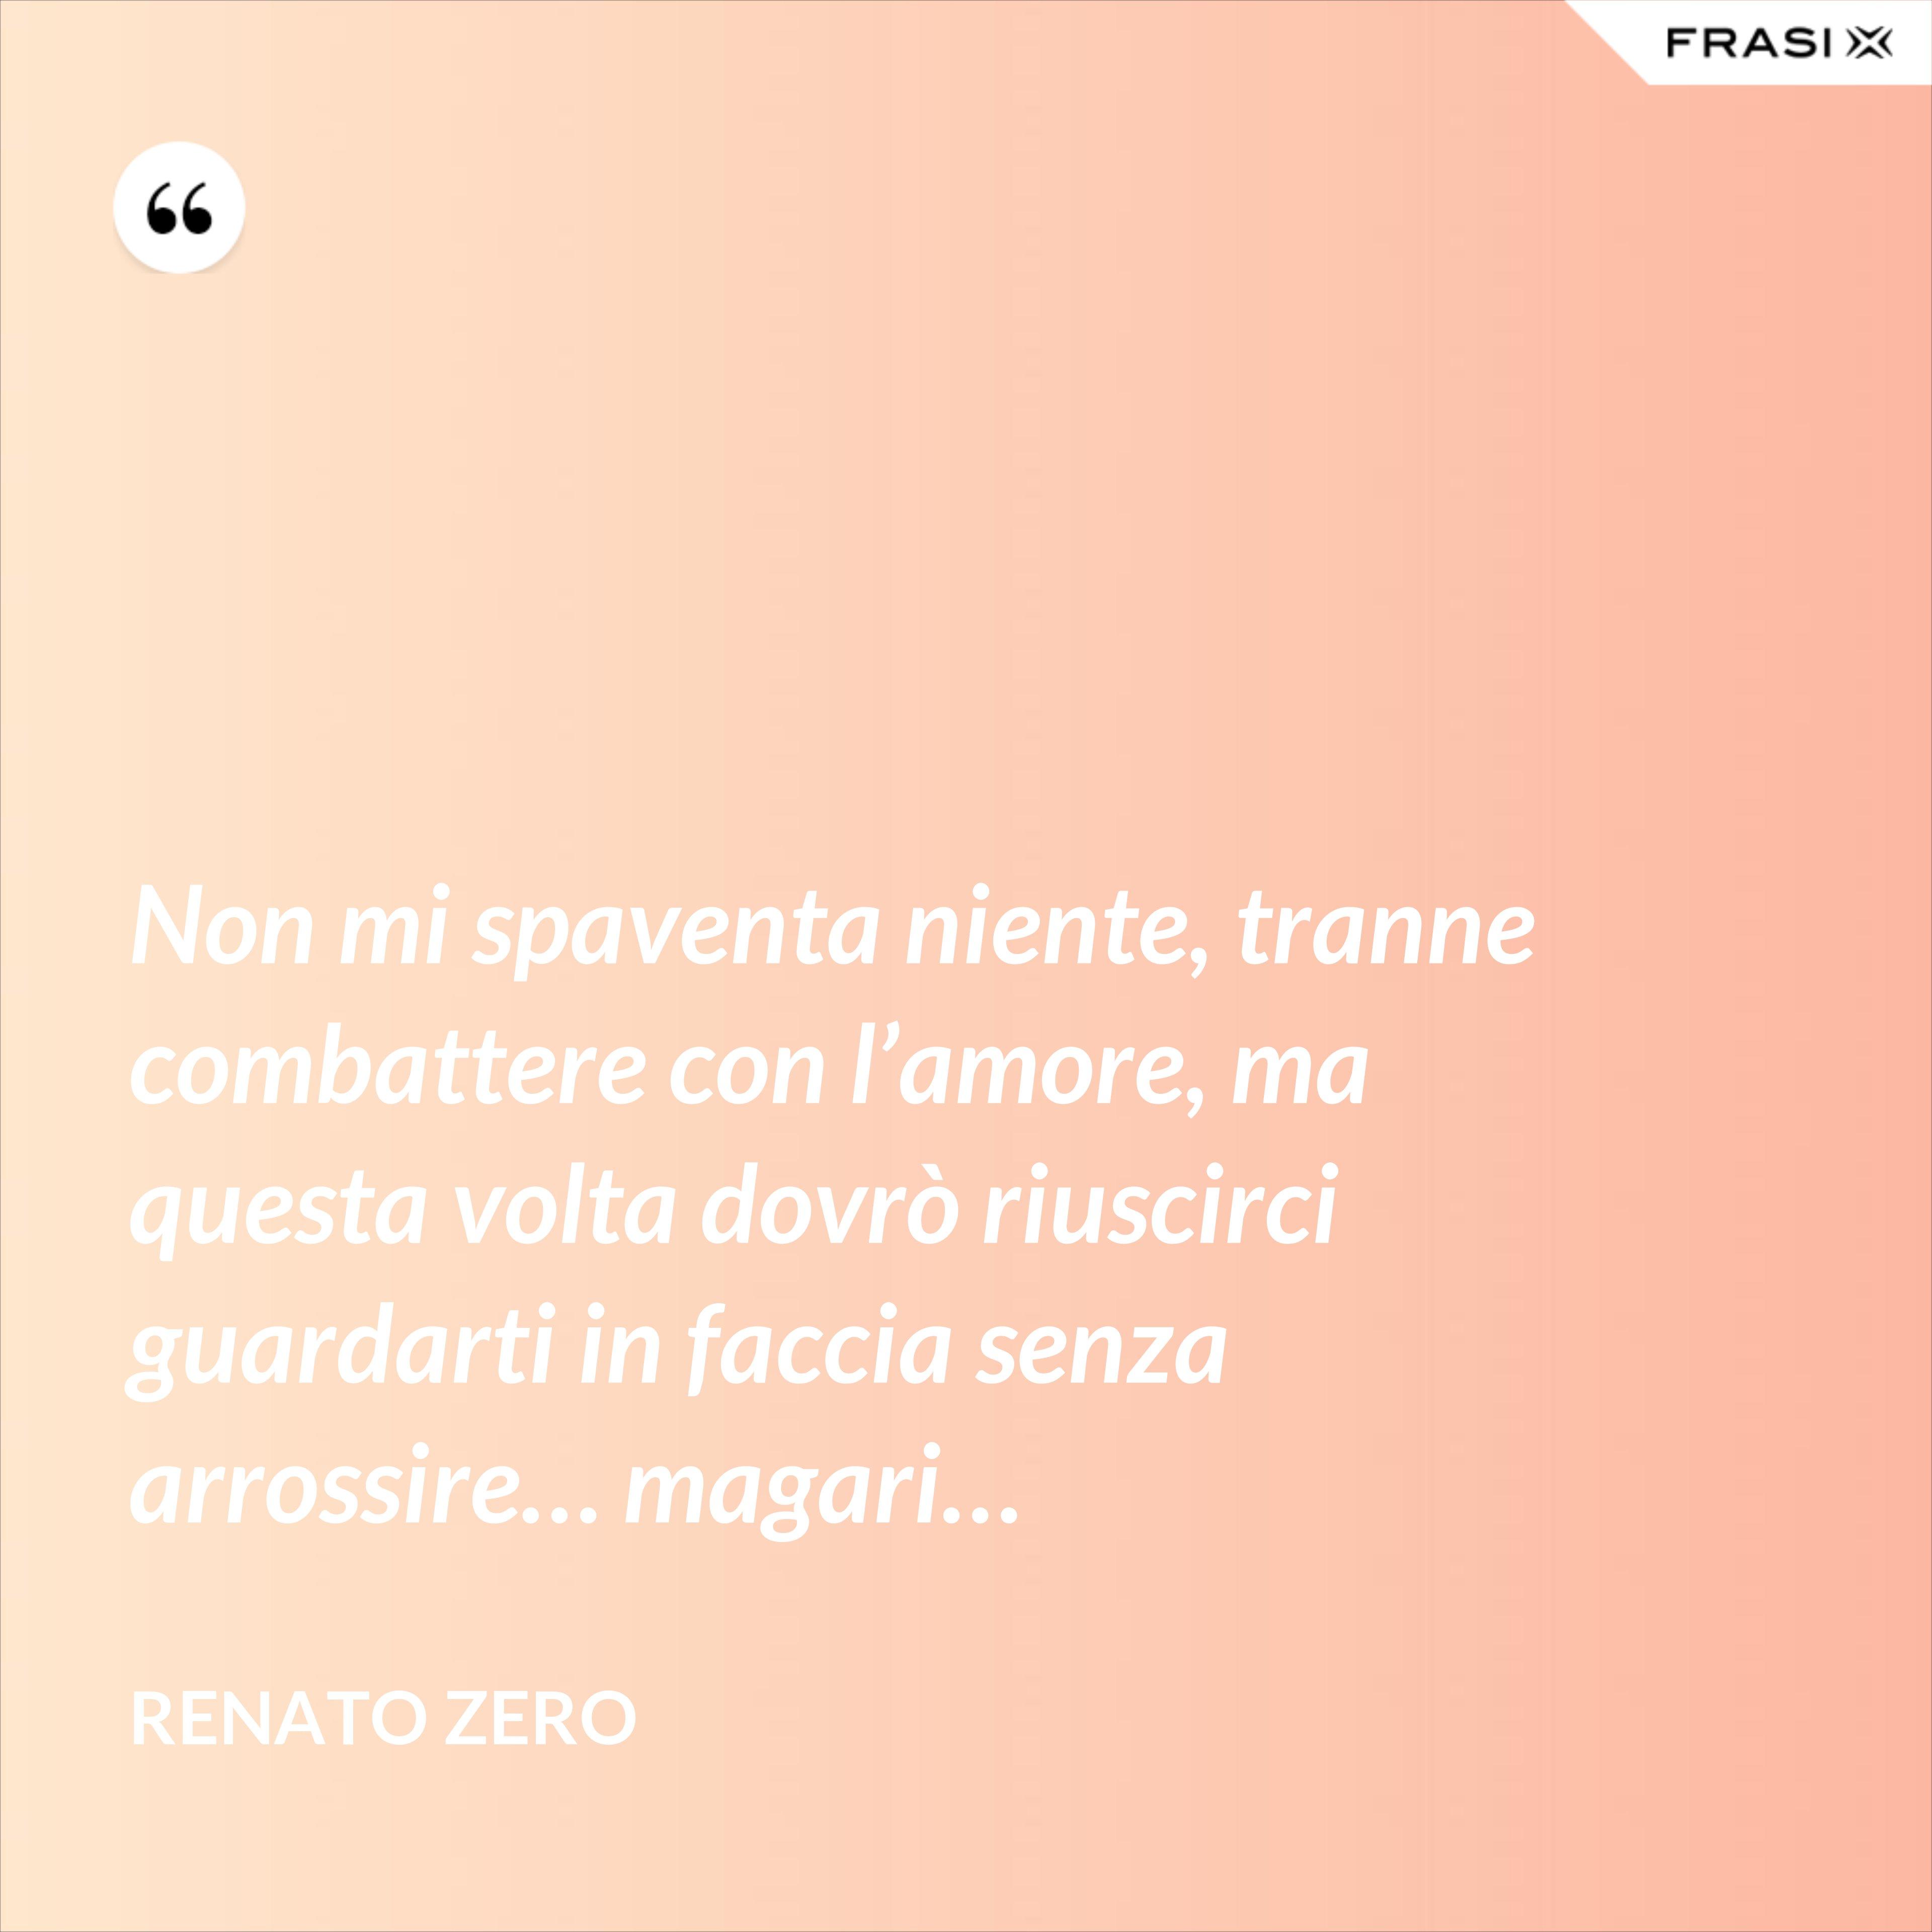 Non mi spaventa niente, tranne combattere con l'amore, ma questa volta dovrò riuscirci guardarti in faccia senza arrossire… magari… - Renato Zero